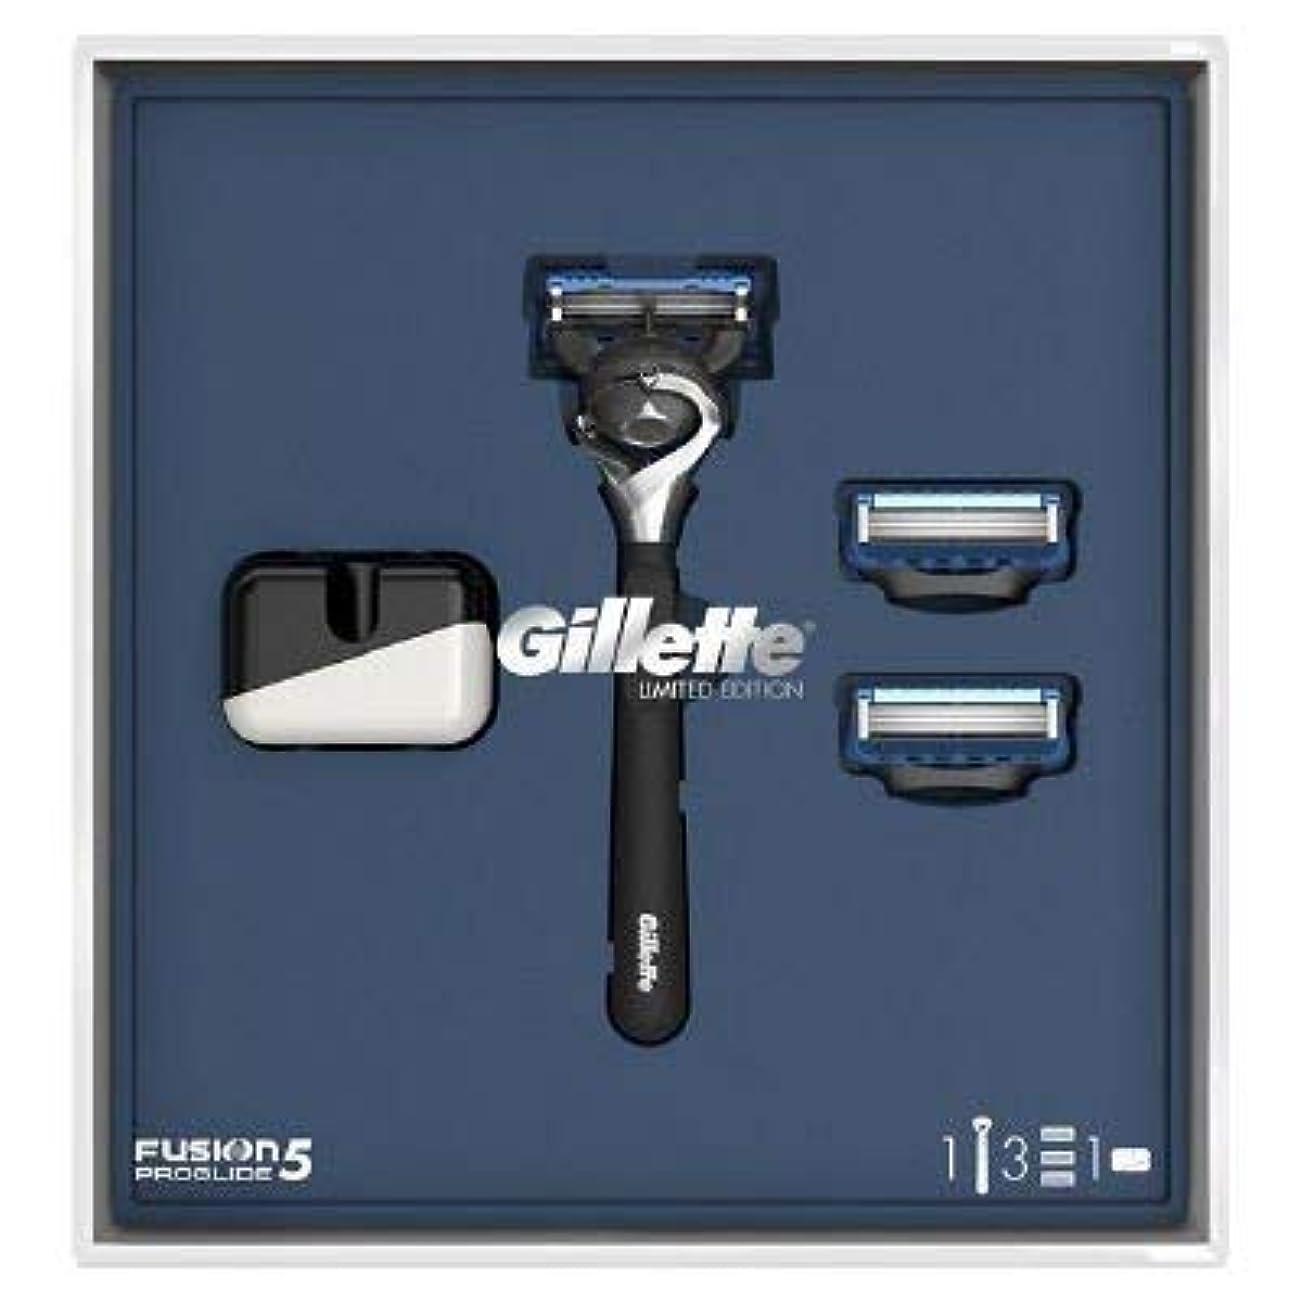 インスタンス賃金極めて重要な(ジレット)Gilette プログライド 髭剃り本体+替刃3個 オリジナルスタンド付き スペシャルパッケージ P&G